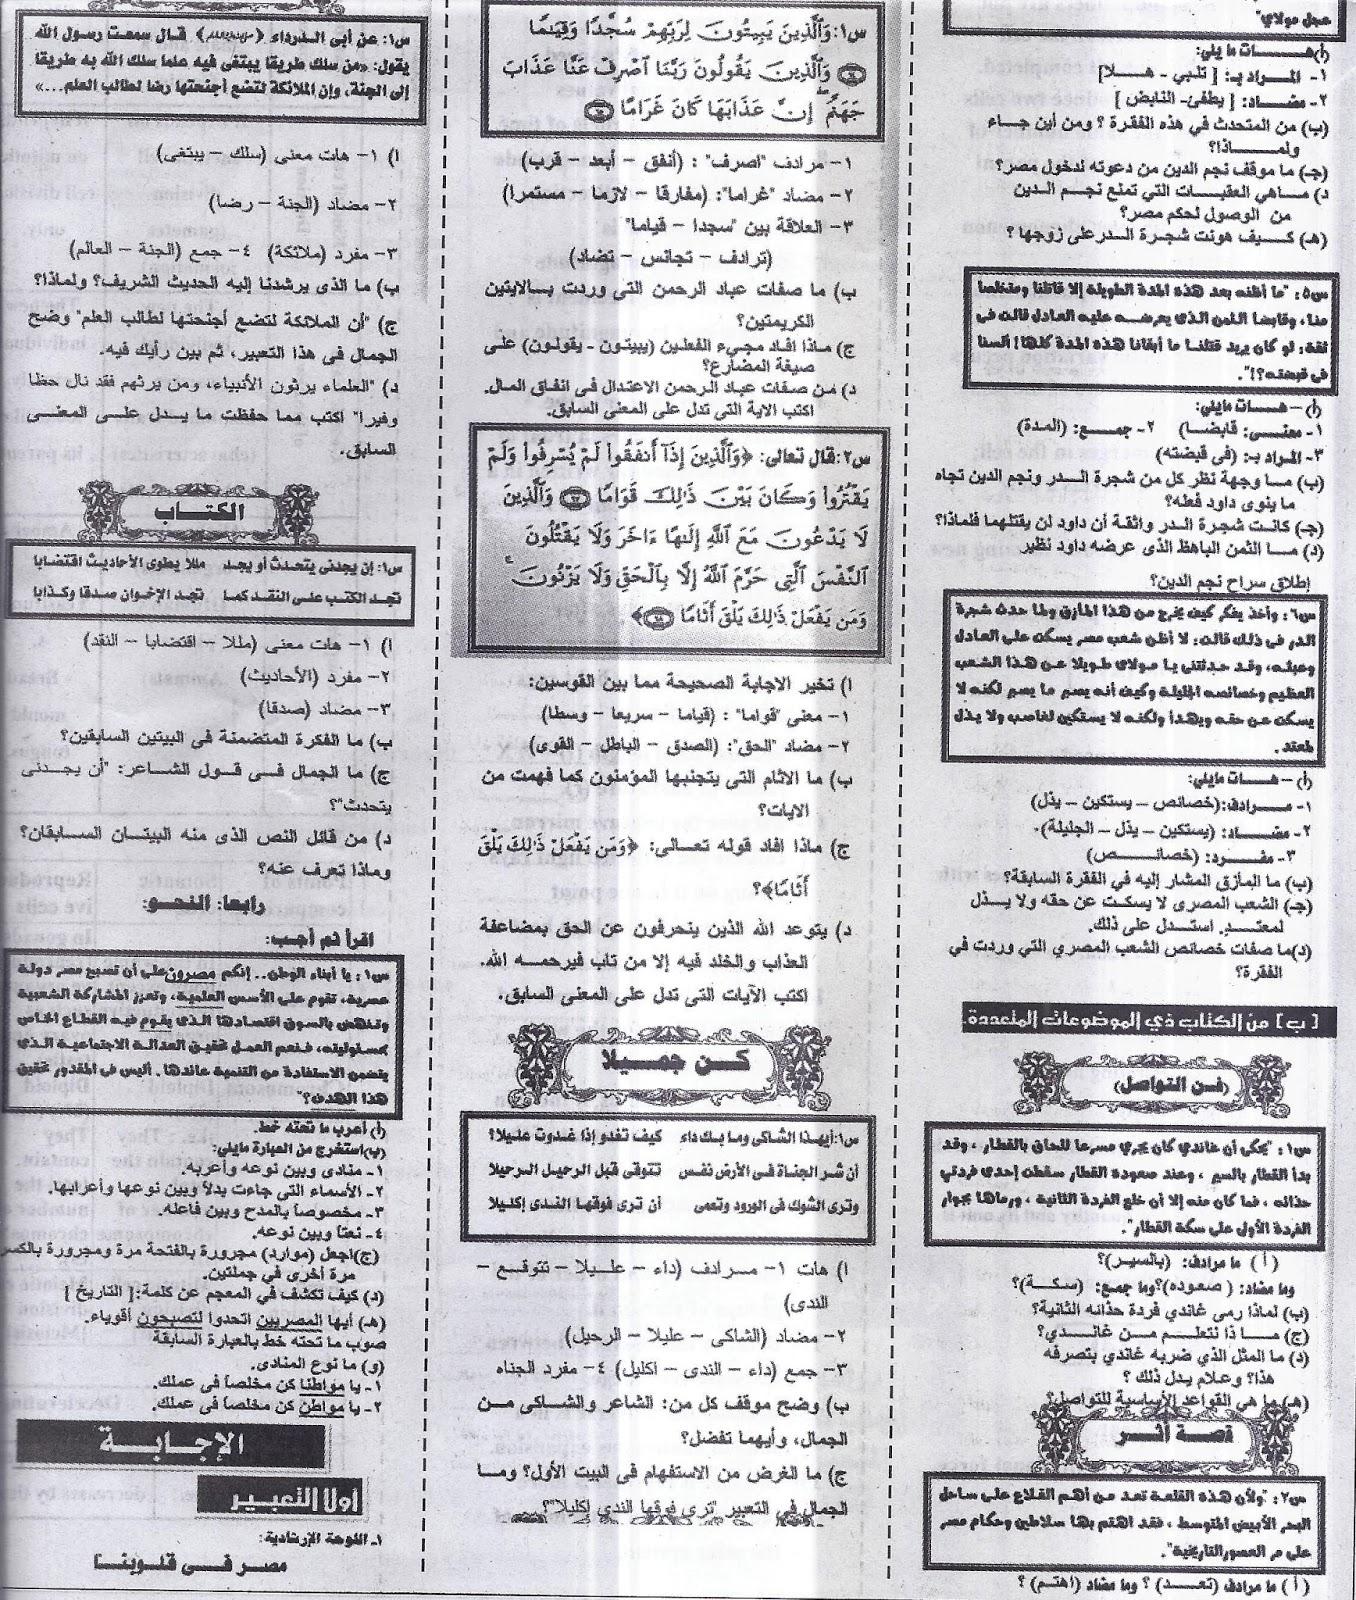 """المراجعة الاخيرة """"لغة عربية"""" ليلة امتحان نصف العام ... للشهادة الاعدادية - ملحق الجمهورية 20/1/2016 9"""